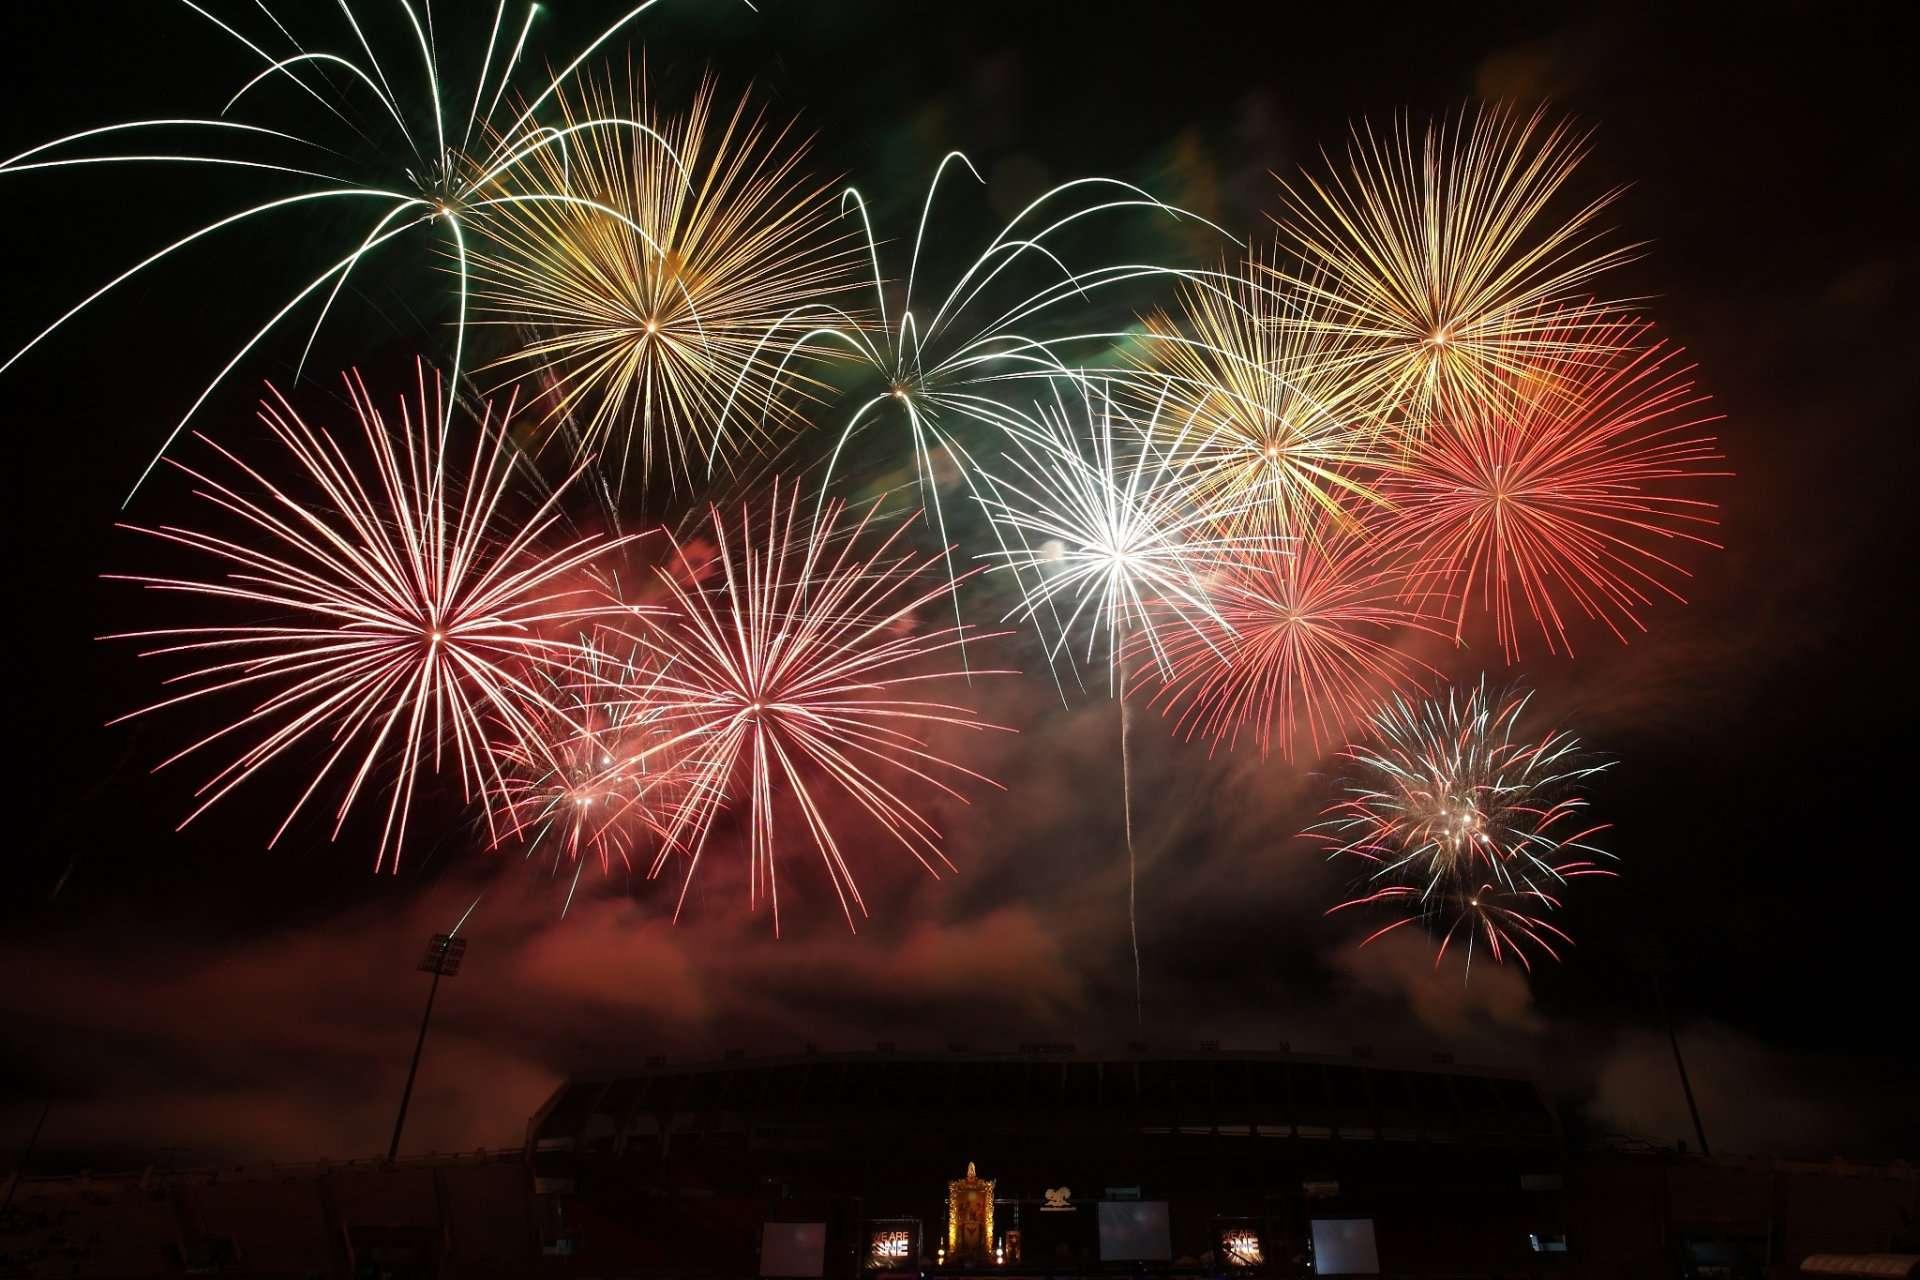 Фейерверки к новому году от компании Svyato market: что можно купить